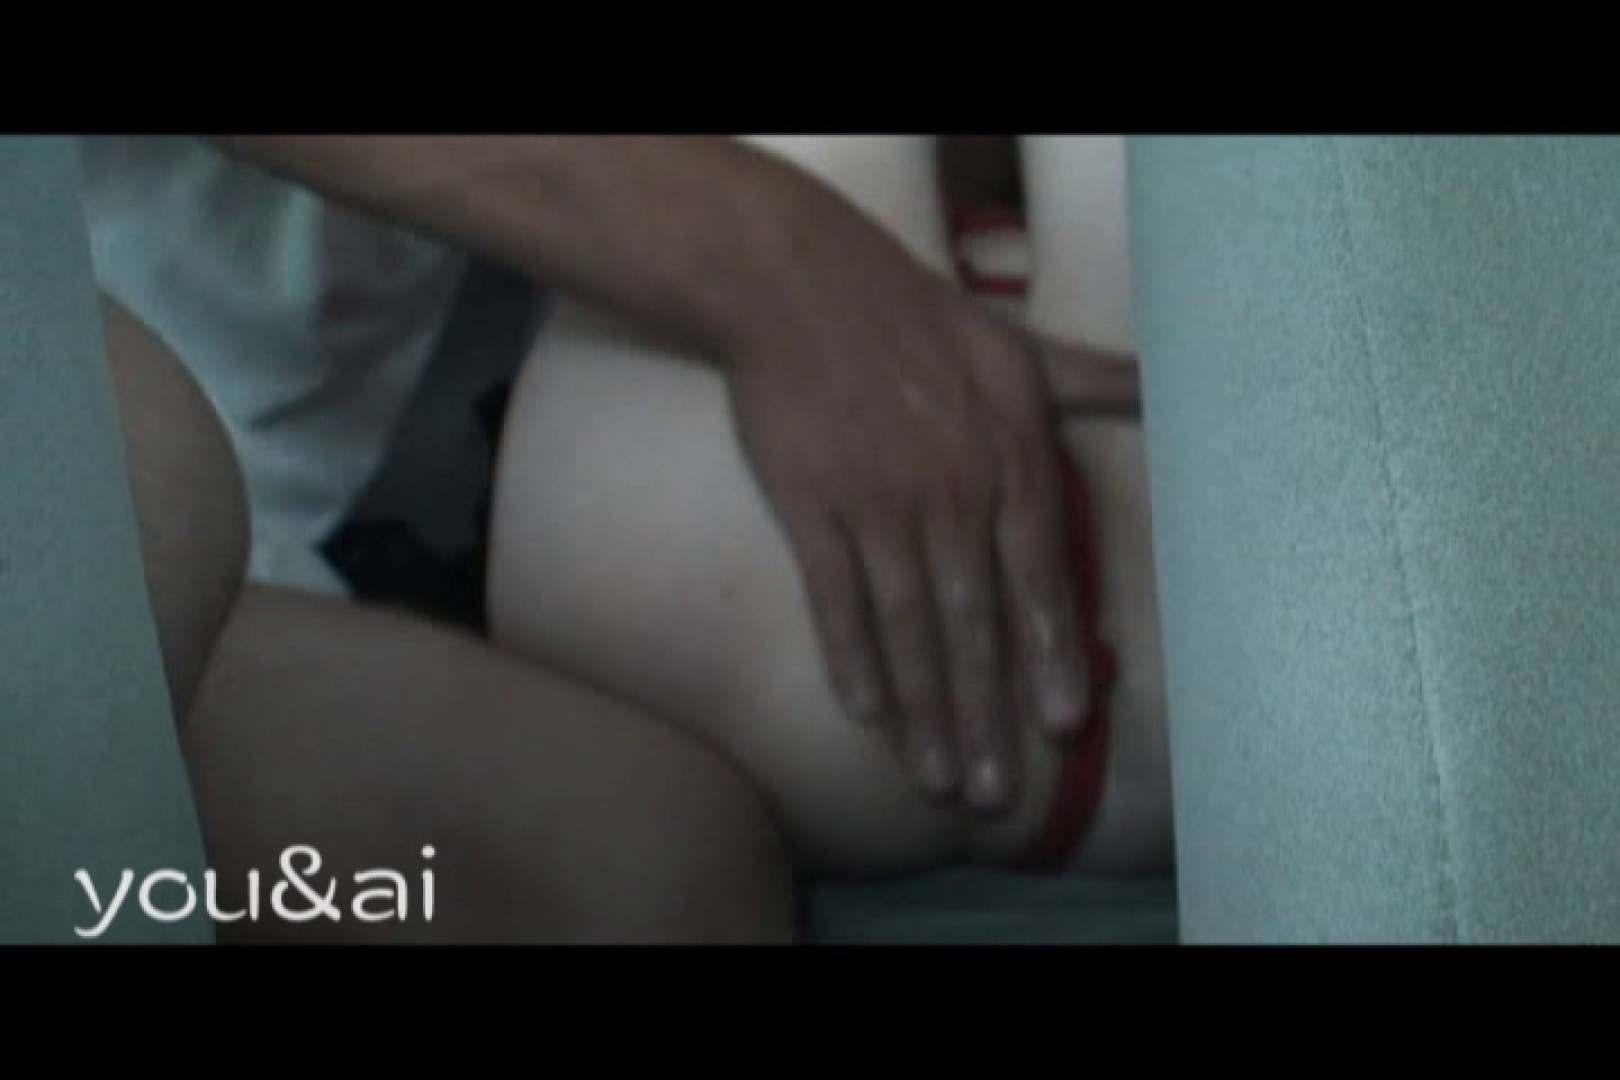 おしどり夫婦のyou&aiさん投稿作品vol.4 緊縛 | 投稿映像  71pic 33